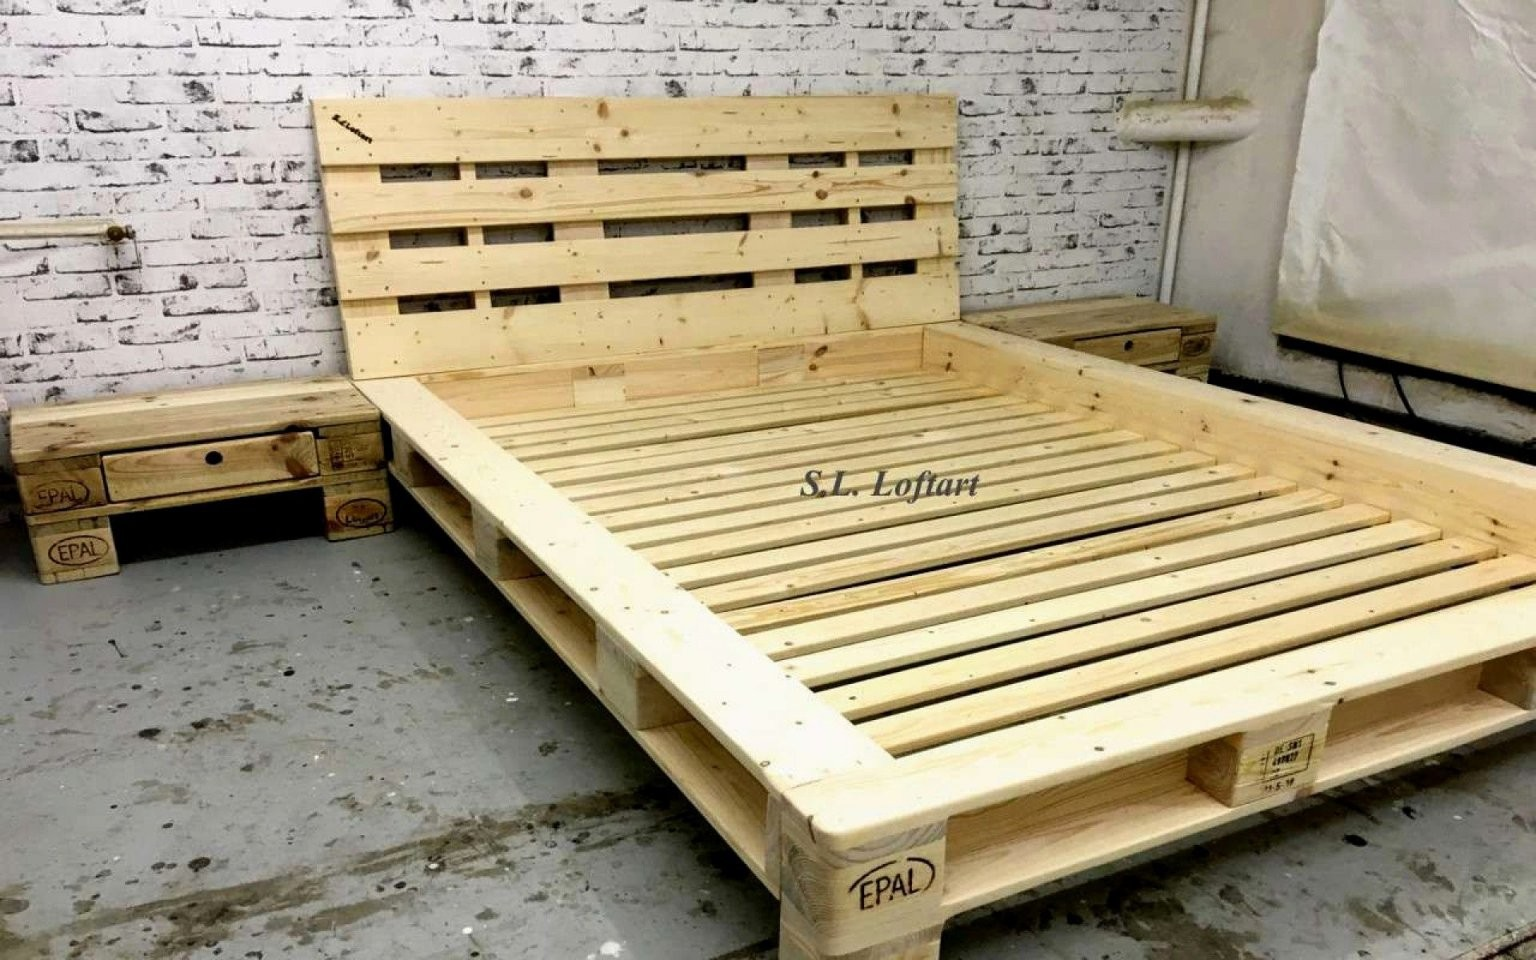 016 Bett Ideen Palettenbett Bauen 140X200 Mit Lattenrost Das Beste von Bett Aus Paletten Bauen 140X200 Photo